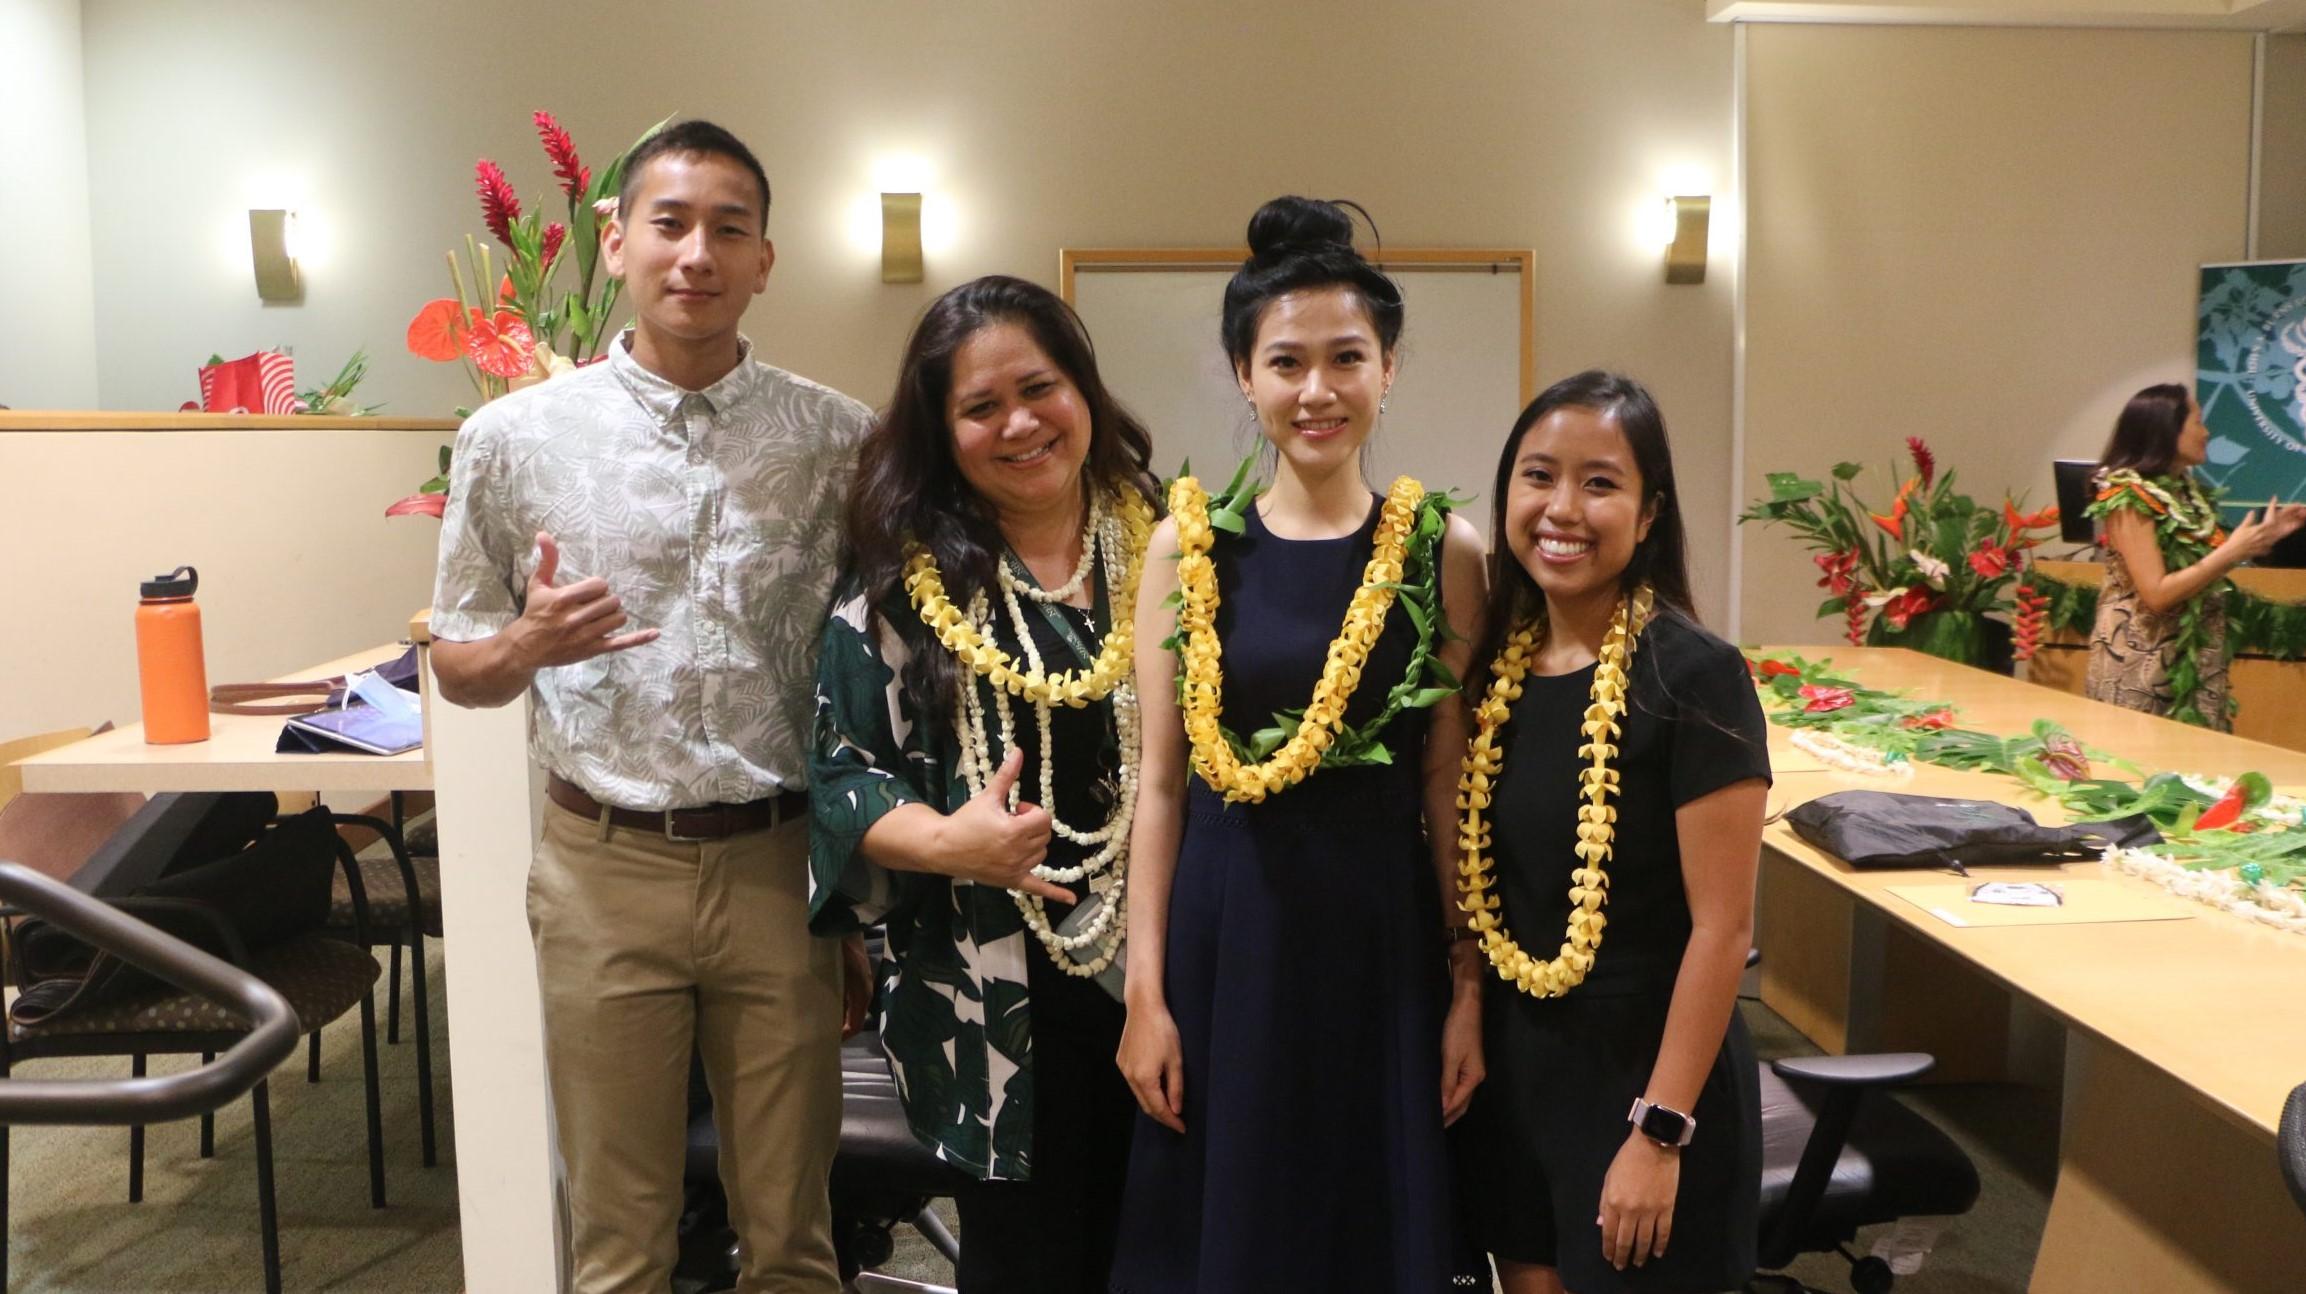 Joshua Illustre, Kimberly Yamauchi, Jennifer Wong, and Melia Takakusagi stand for photo.